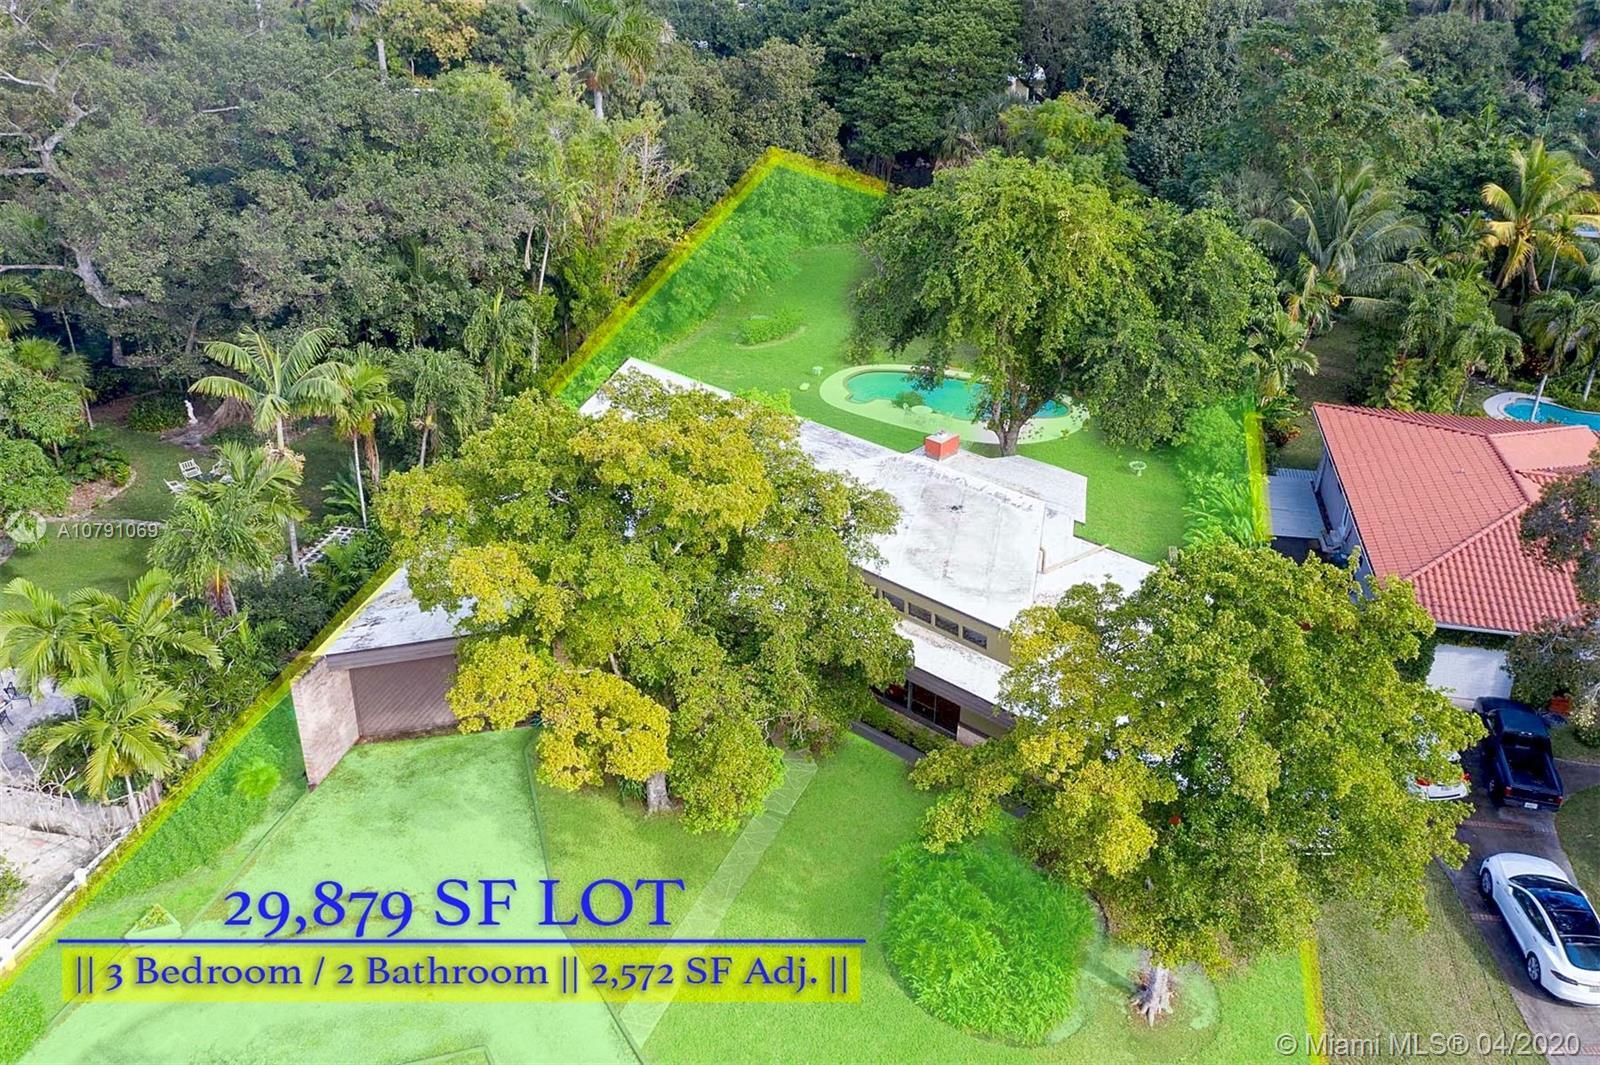 12015 Griffing Blvd, Biscayne Park, FL 33161 - Biscayne Park, FL real estate listing